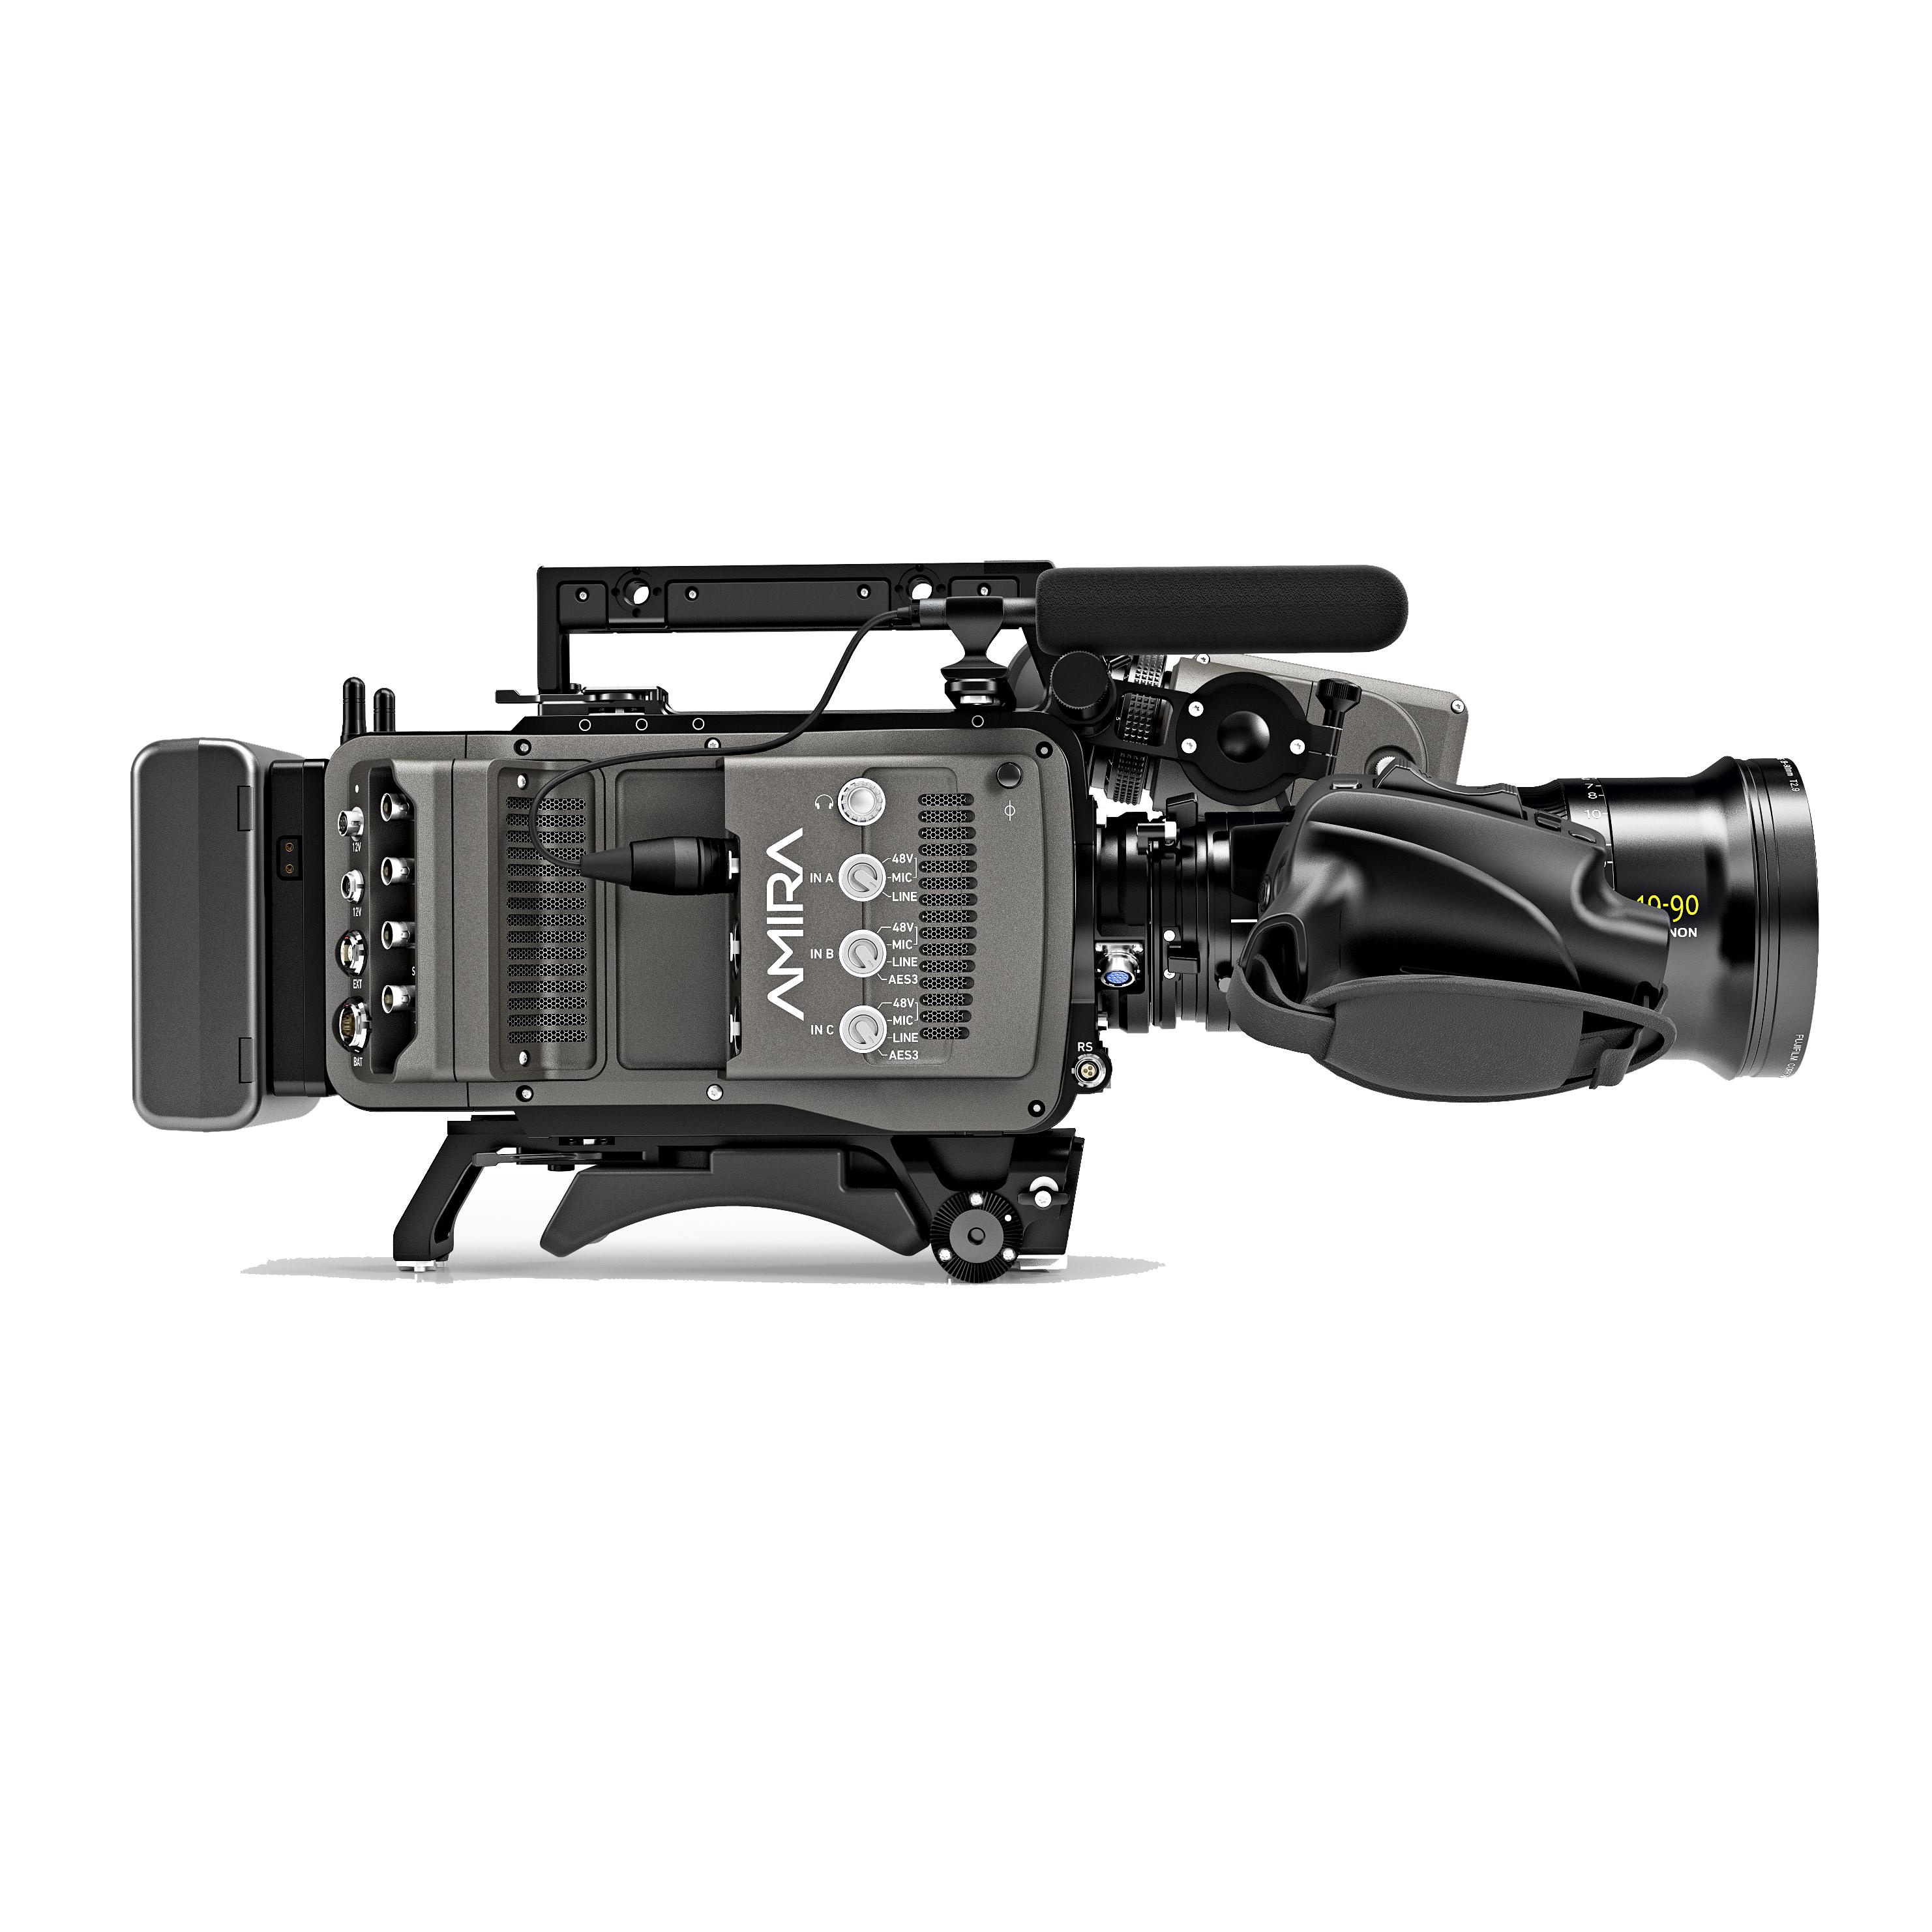 Digital Cinematography Cameras